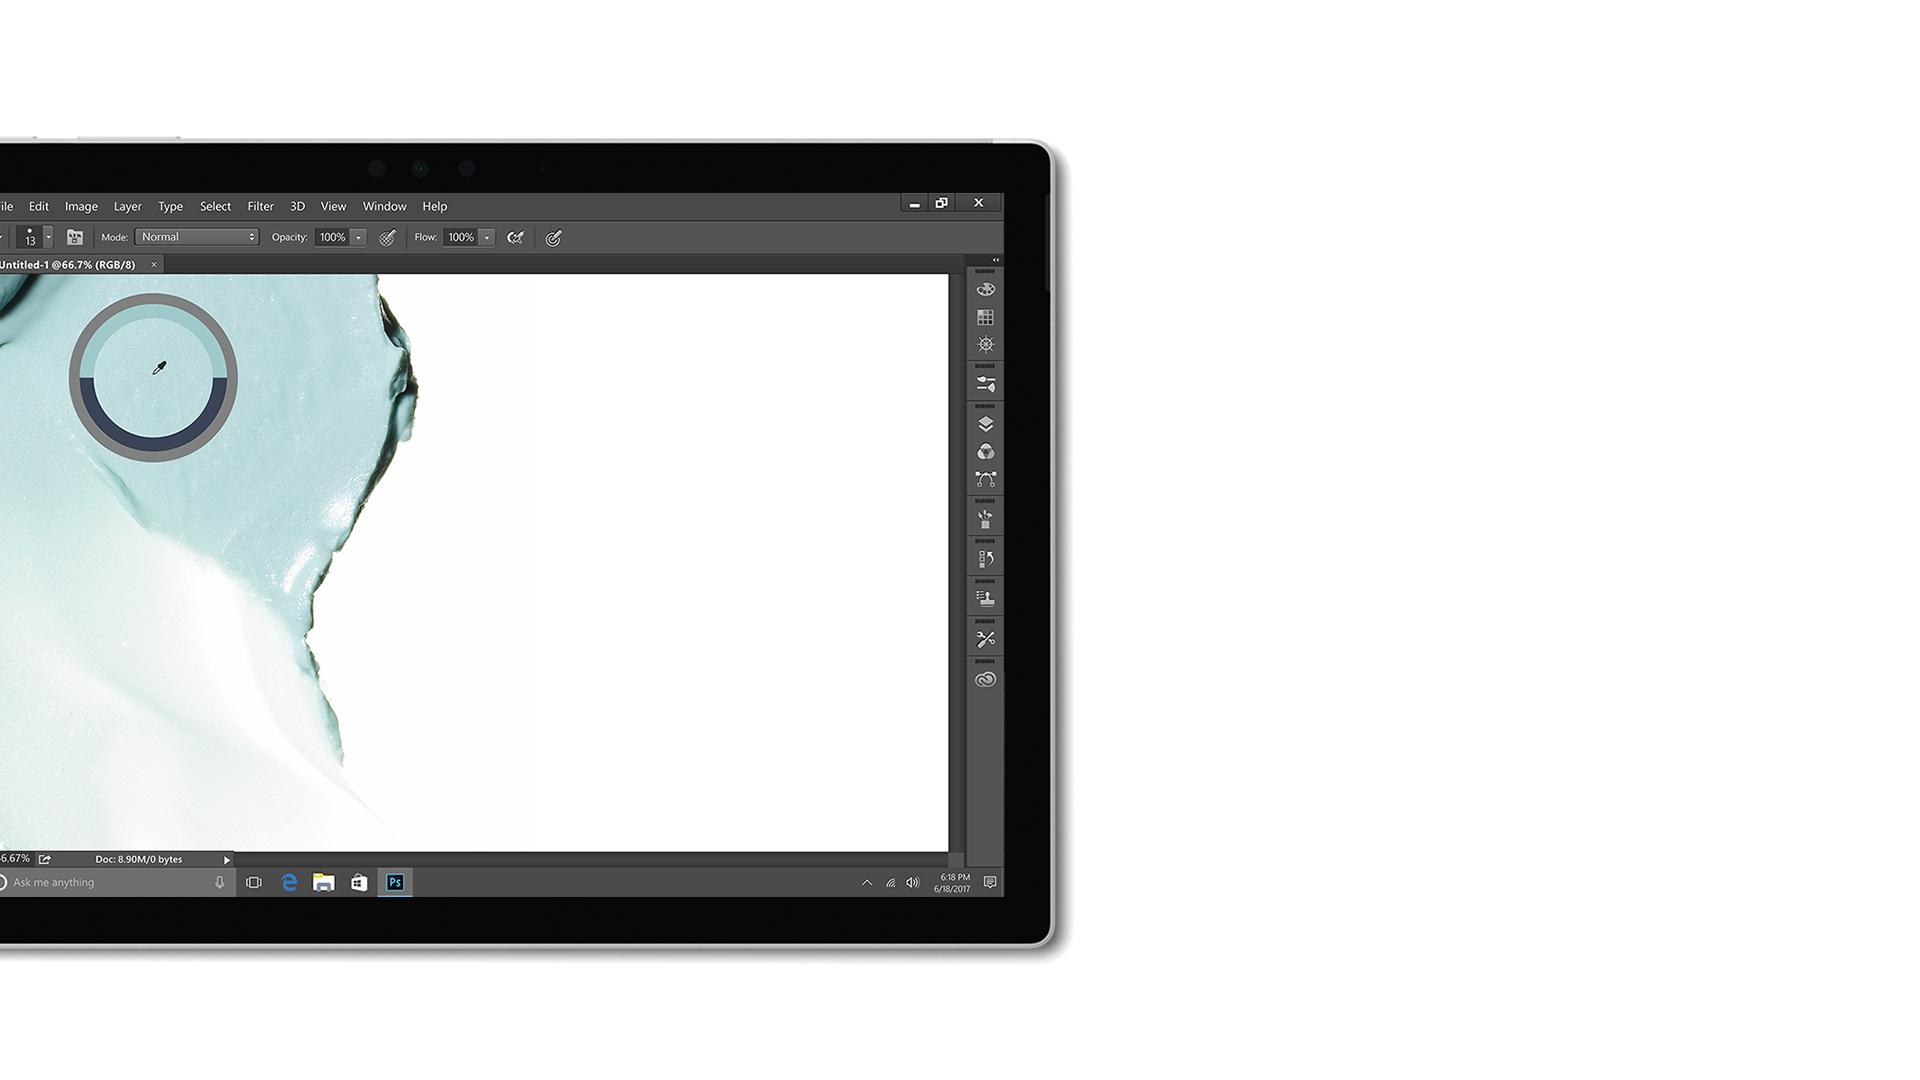 Zrzut ekranu aplikacji Creative Cloud na urządzeniu Surface.